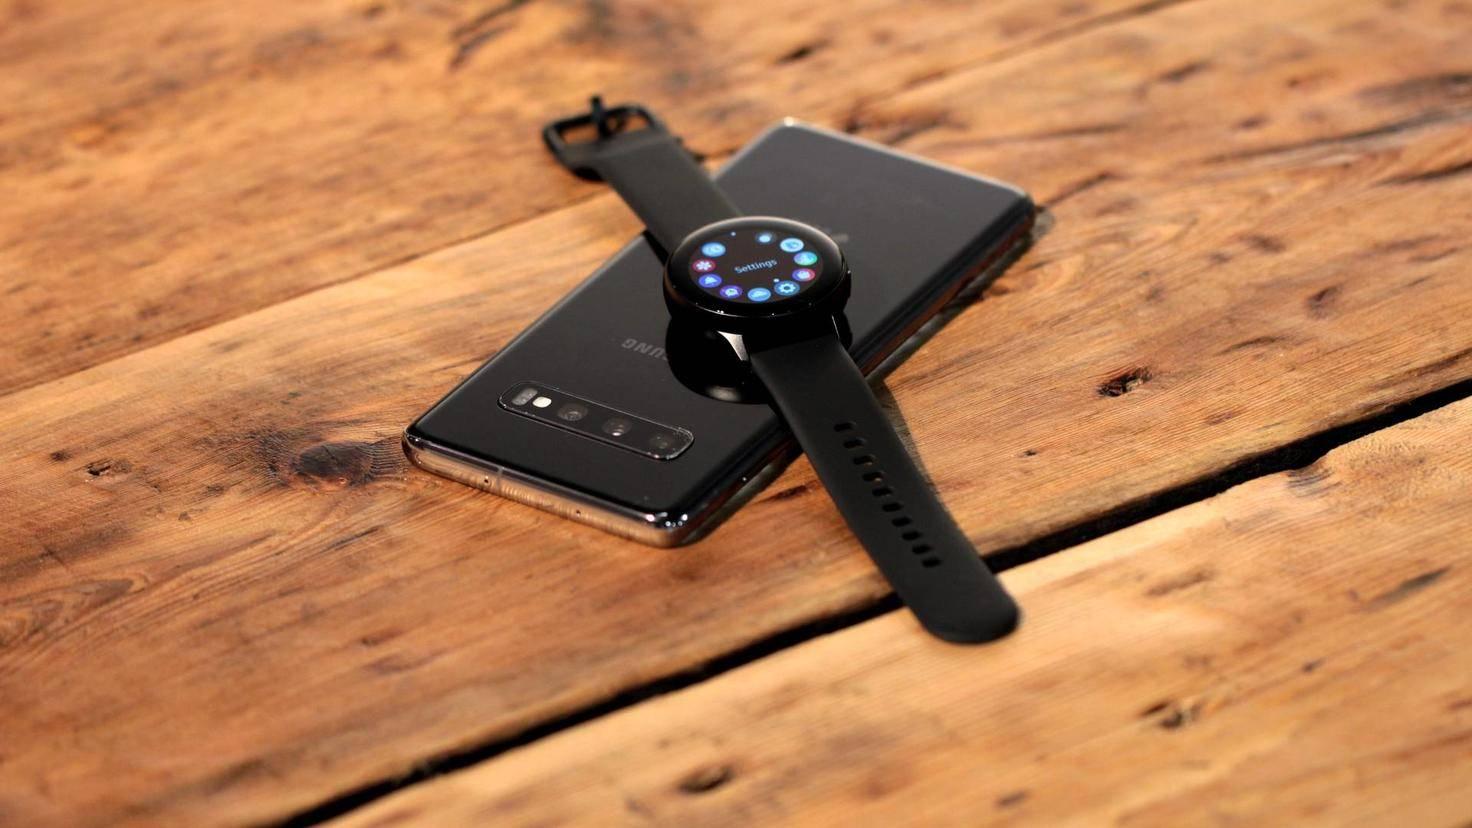 Das Galaxy S10 kann sogar andere Geräte kabellos laden.